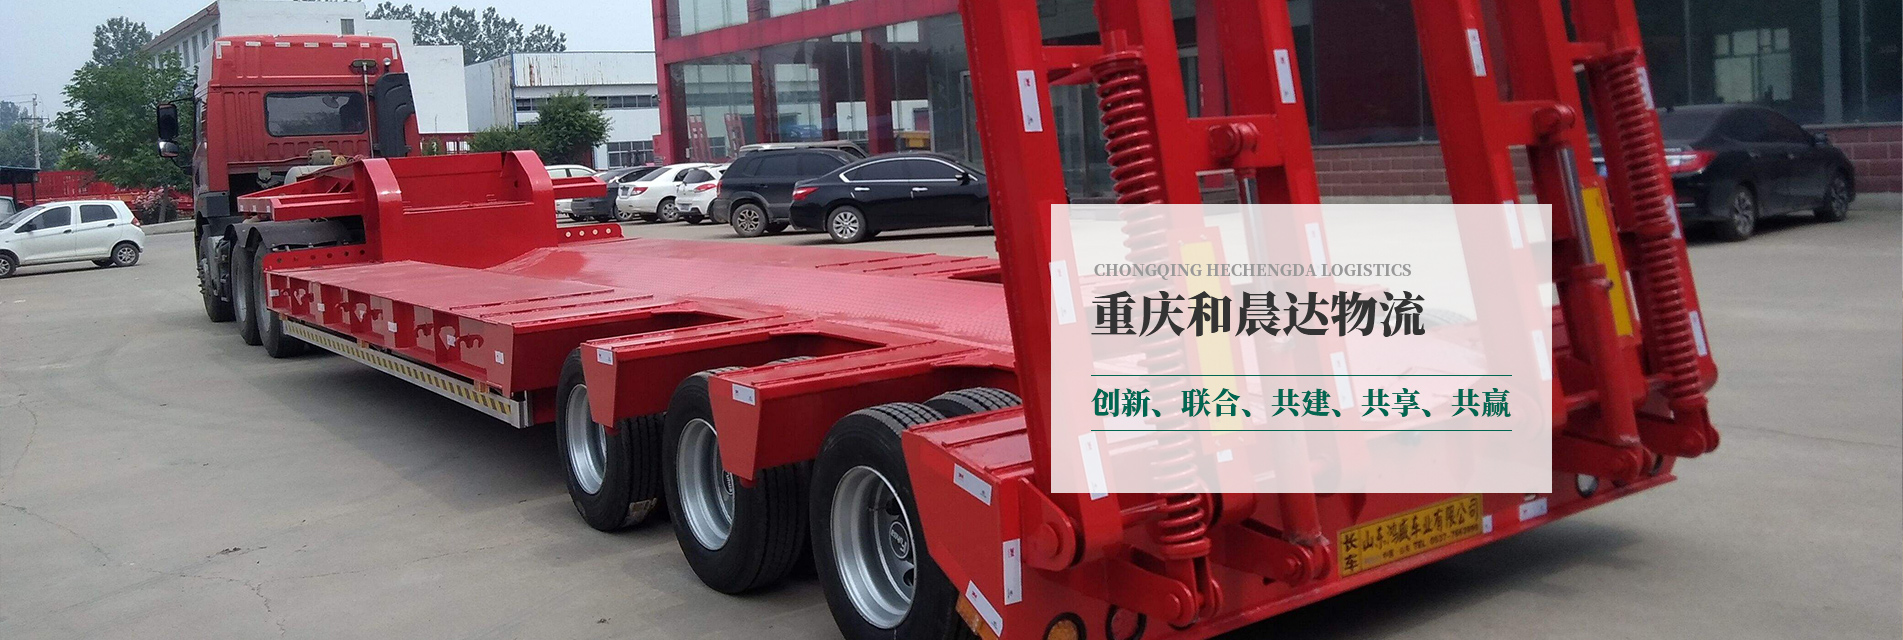 重庆散装粉料罐车运输